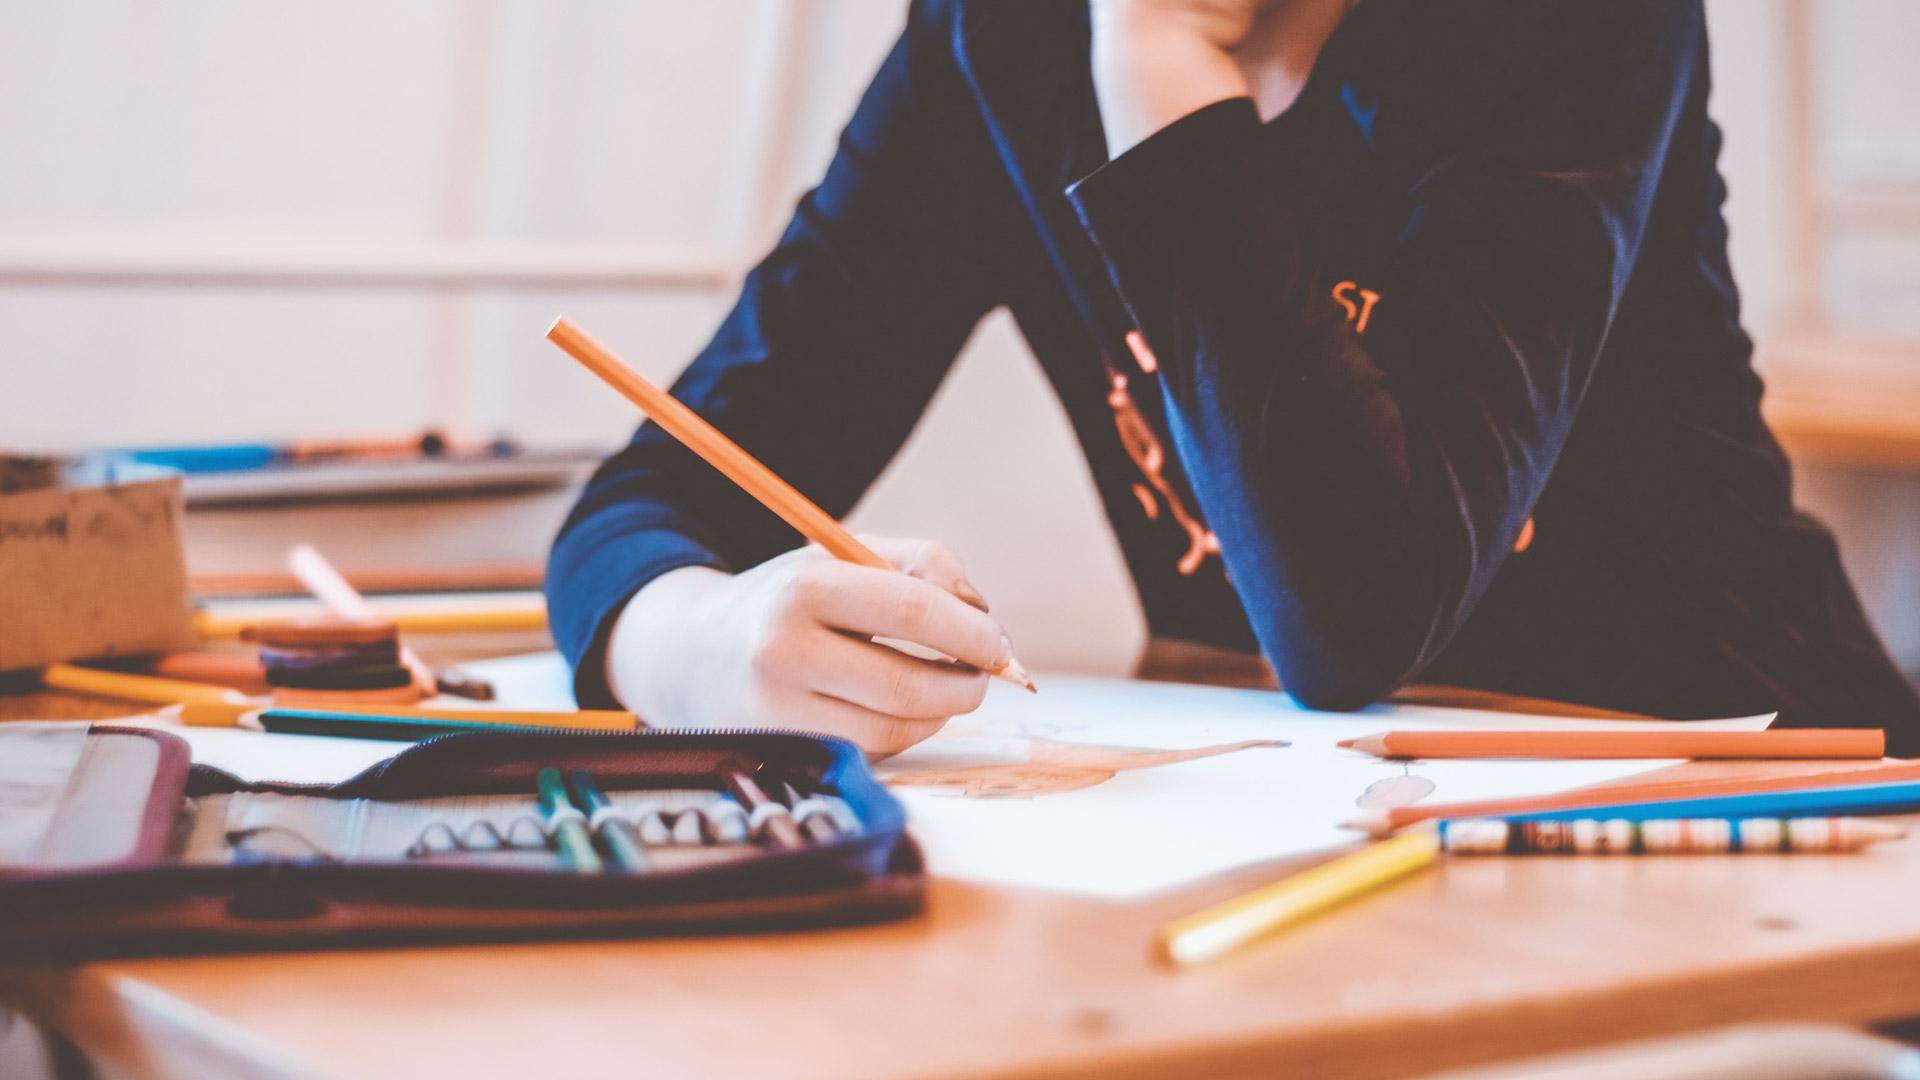 Schuleinschreibung